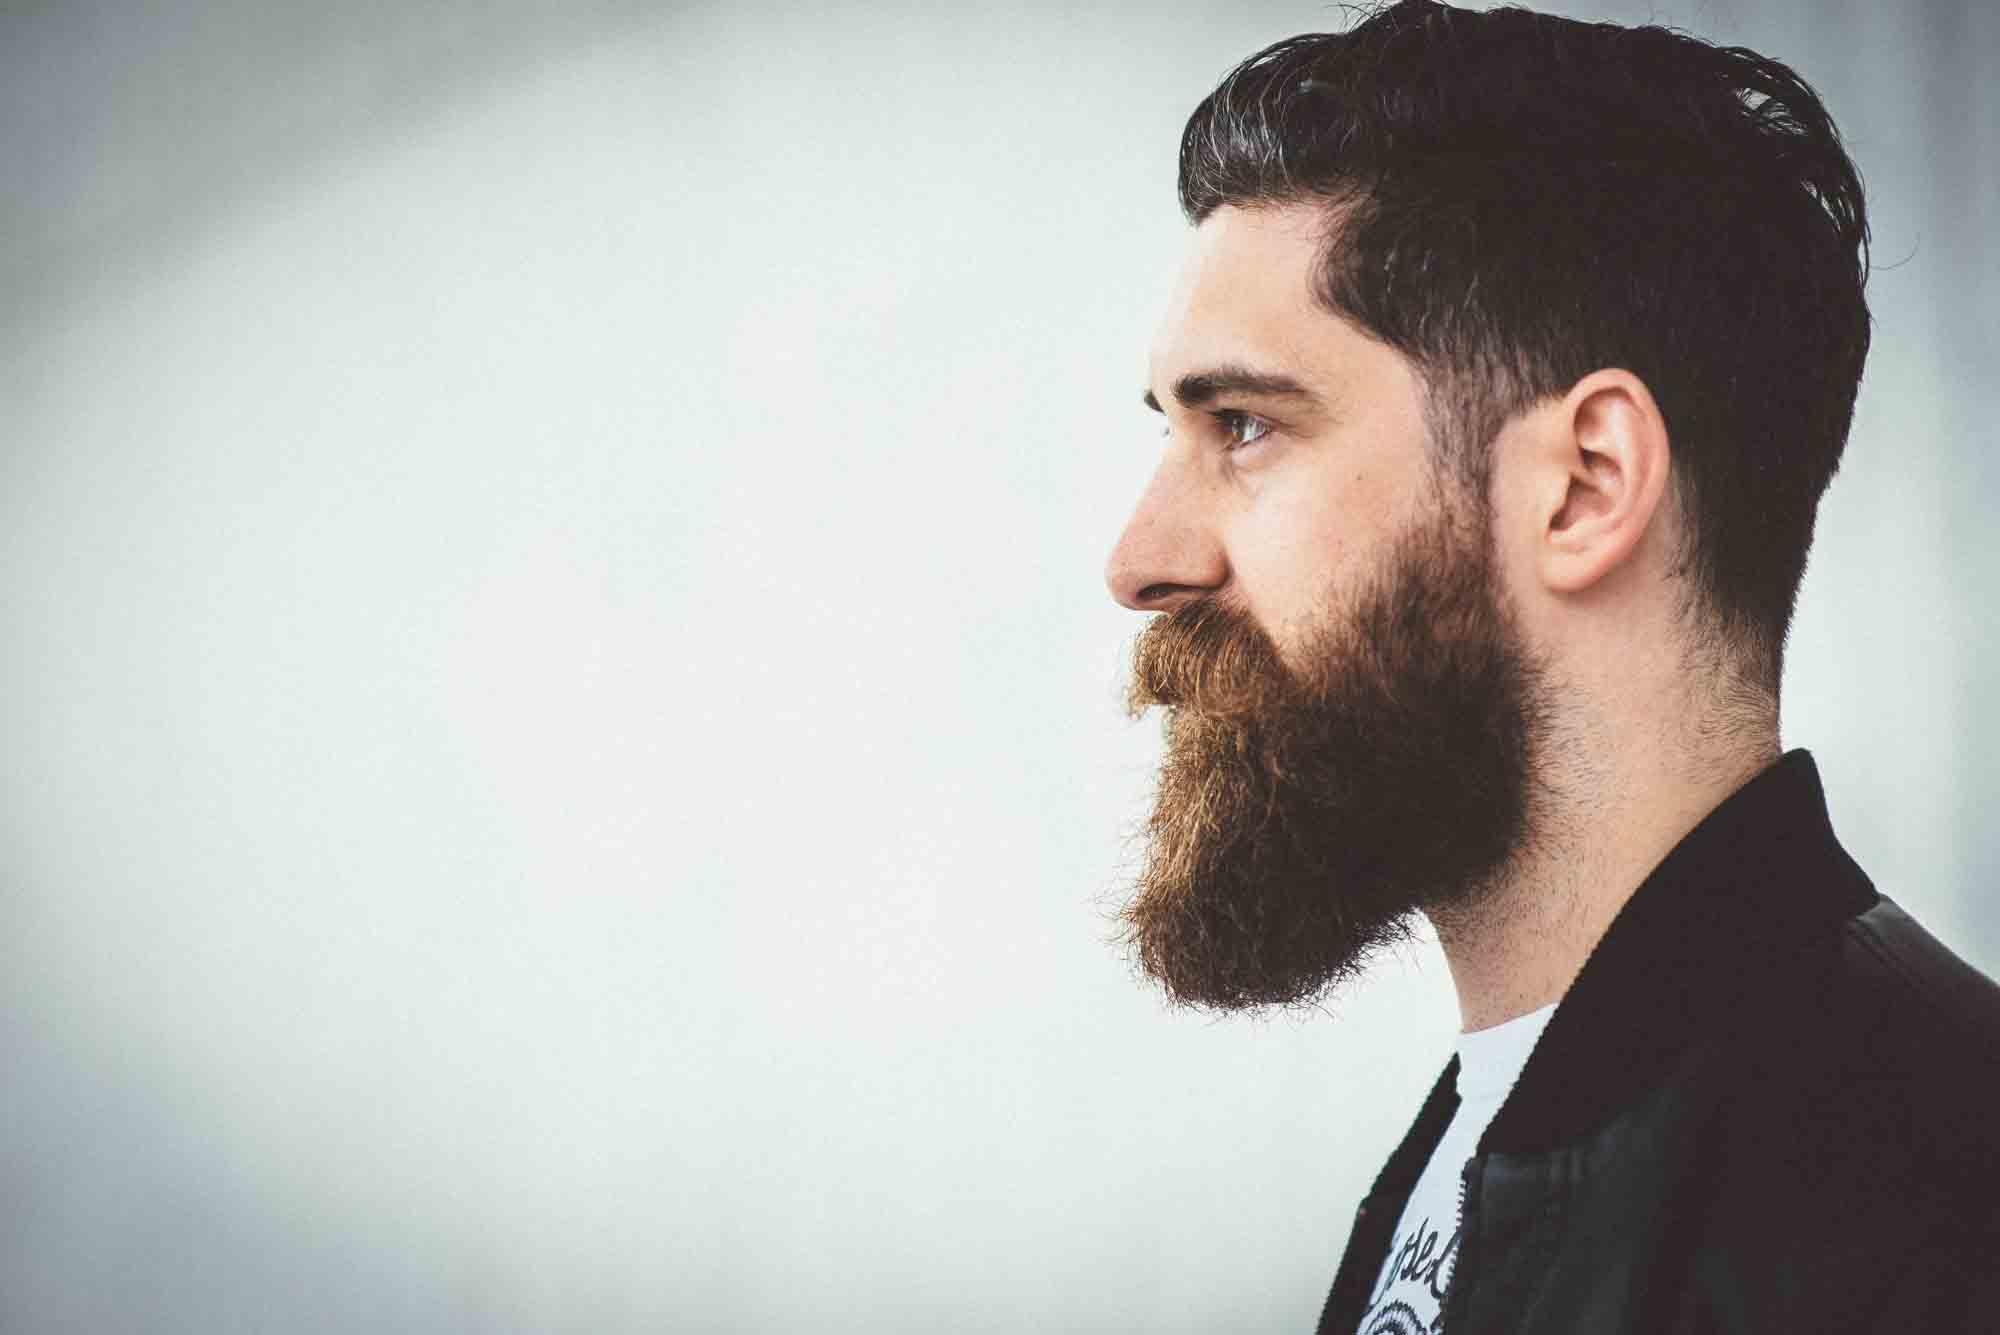 Noho hair beard hair 9-21-2016